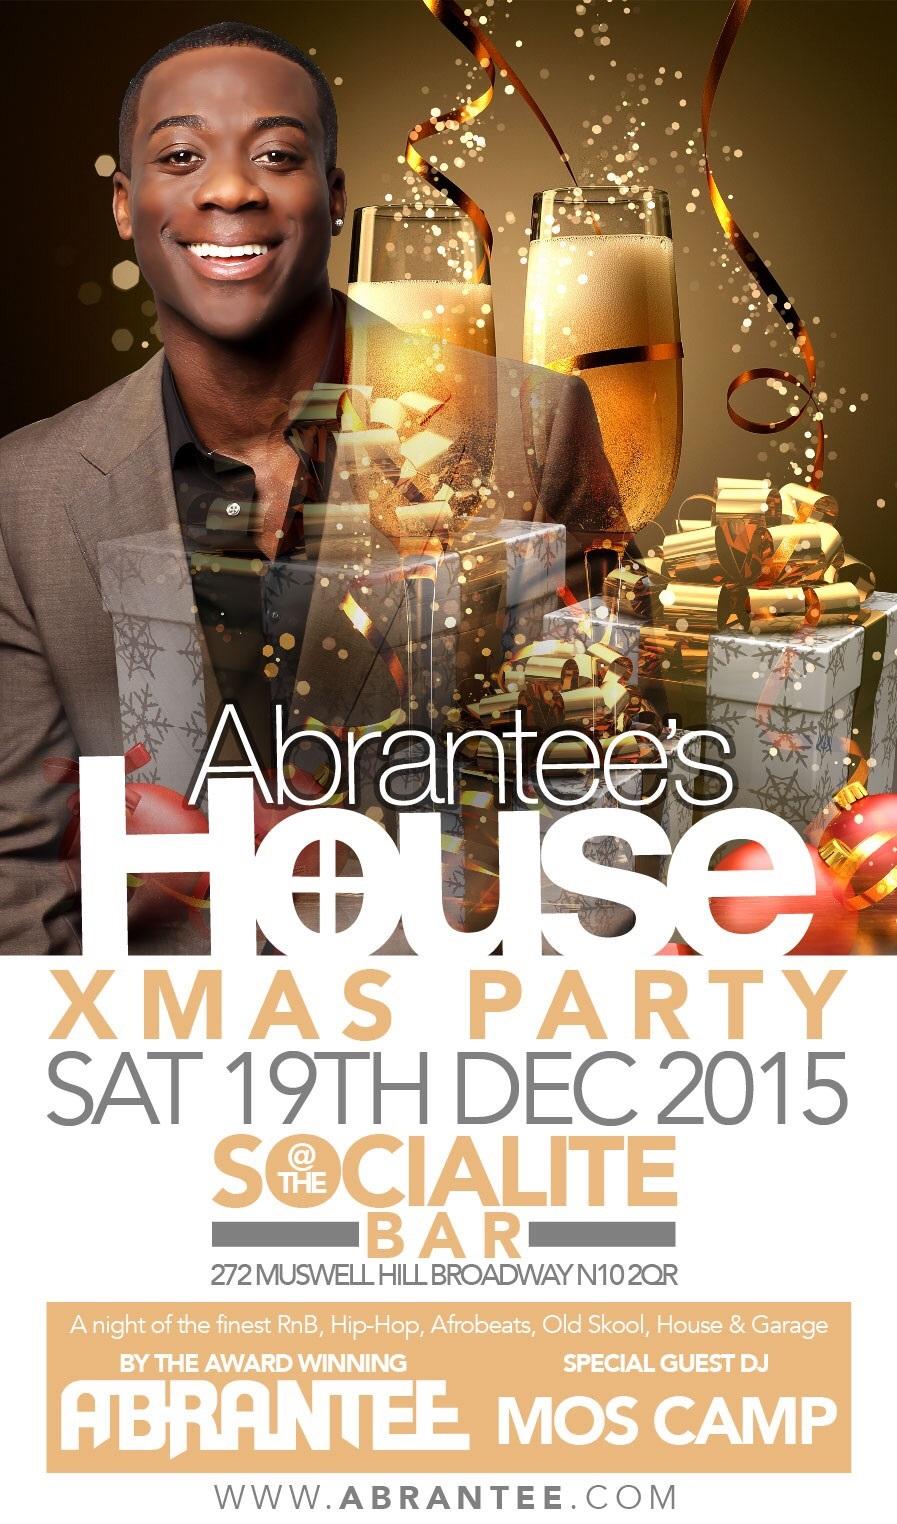 Abrantee's house  Xmas Party